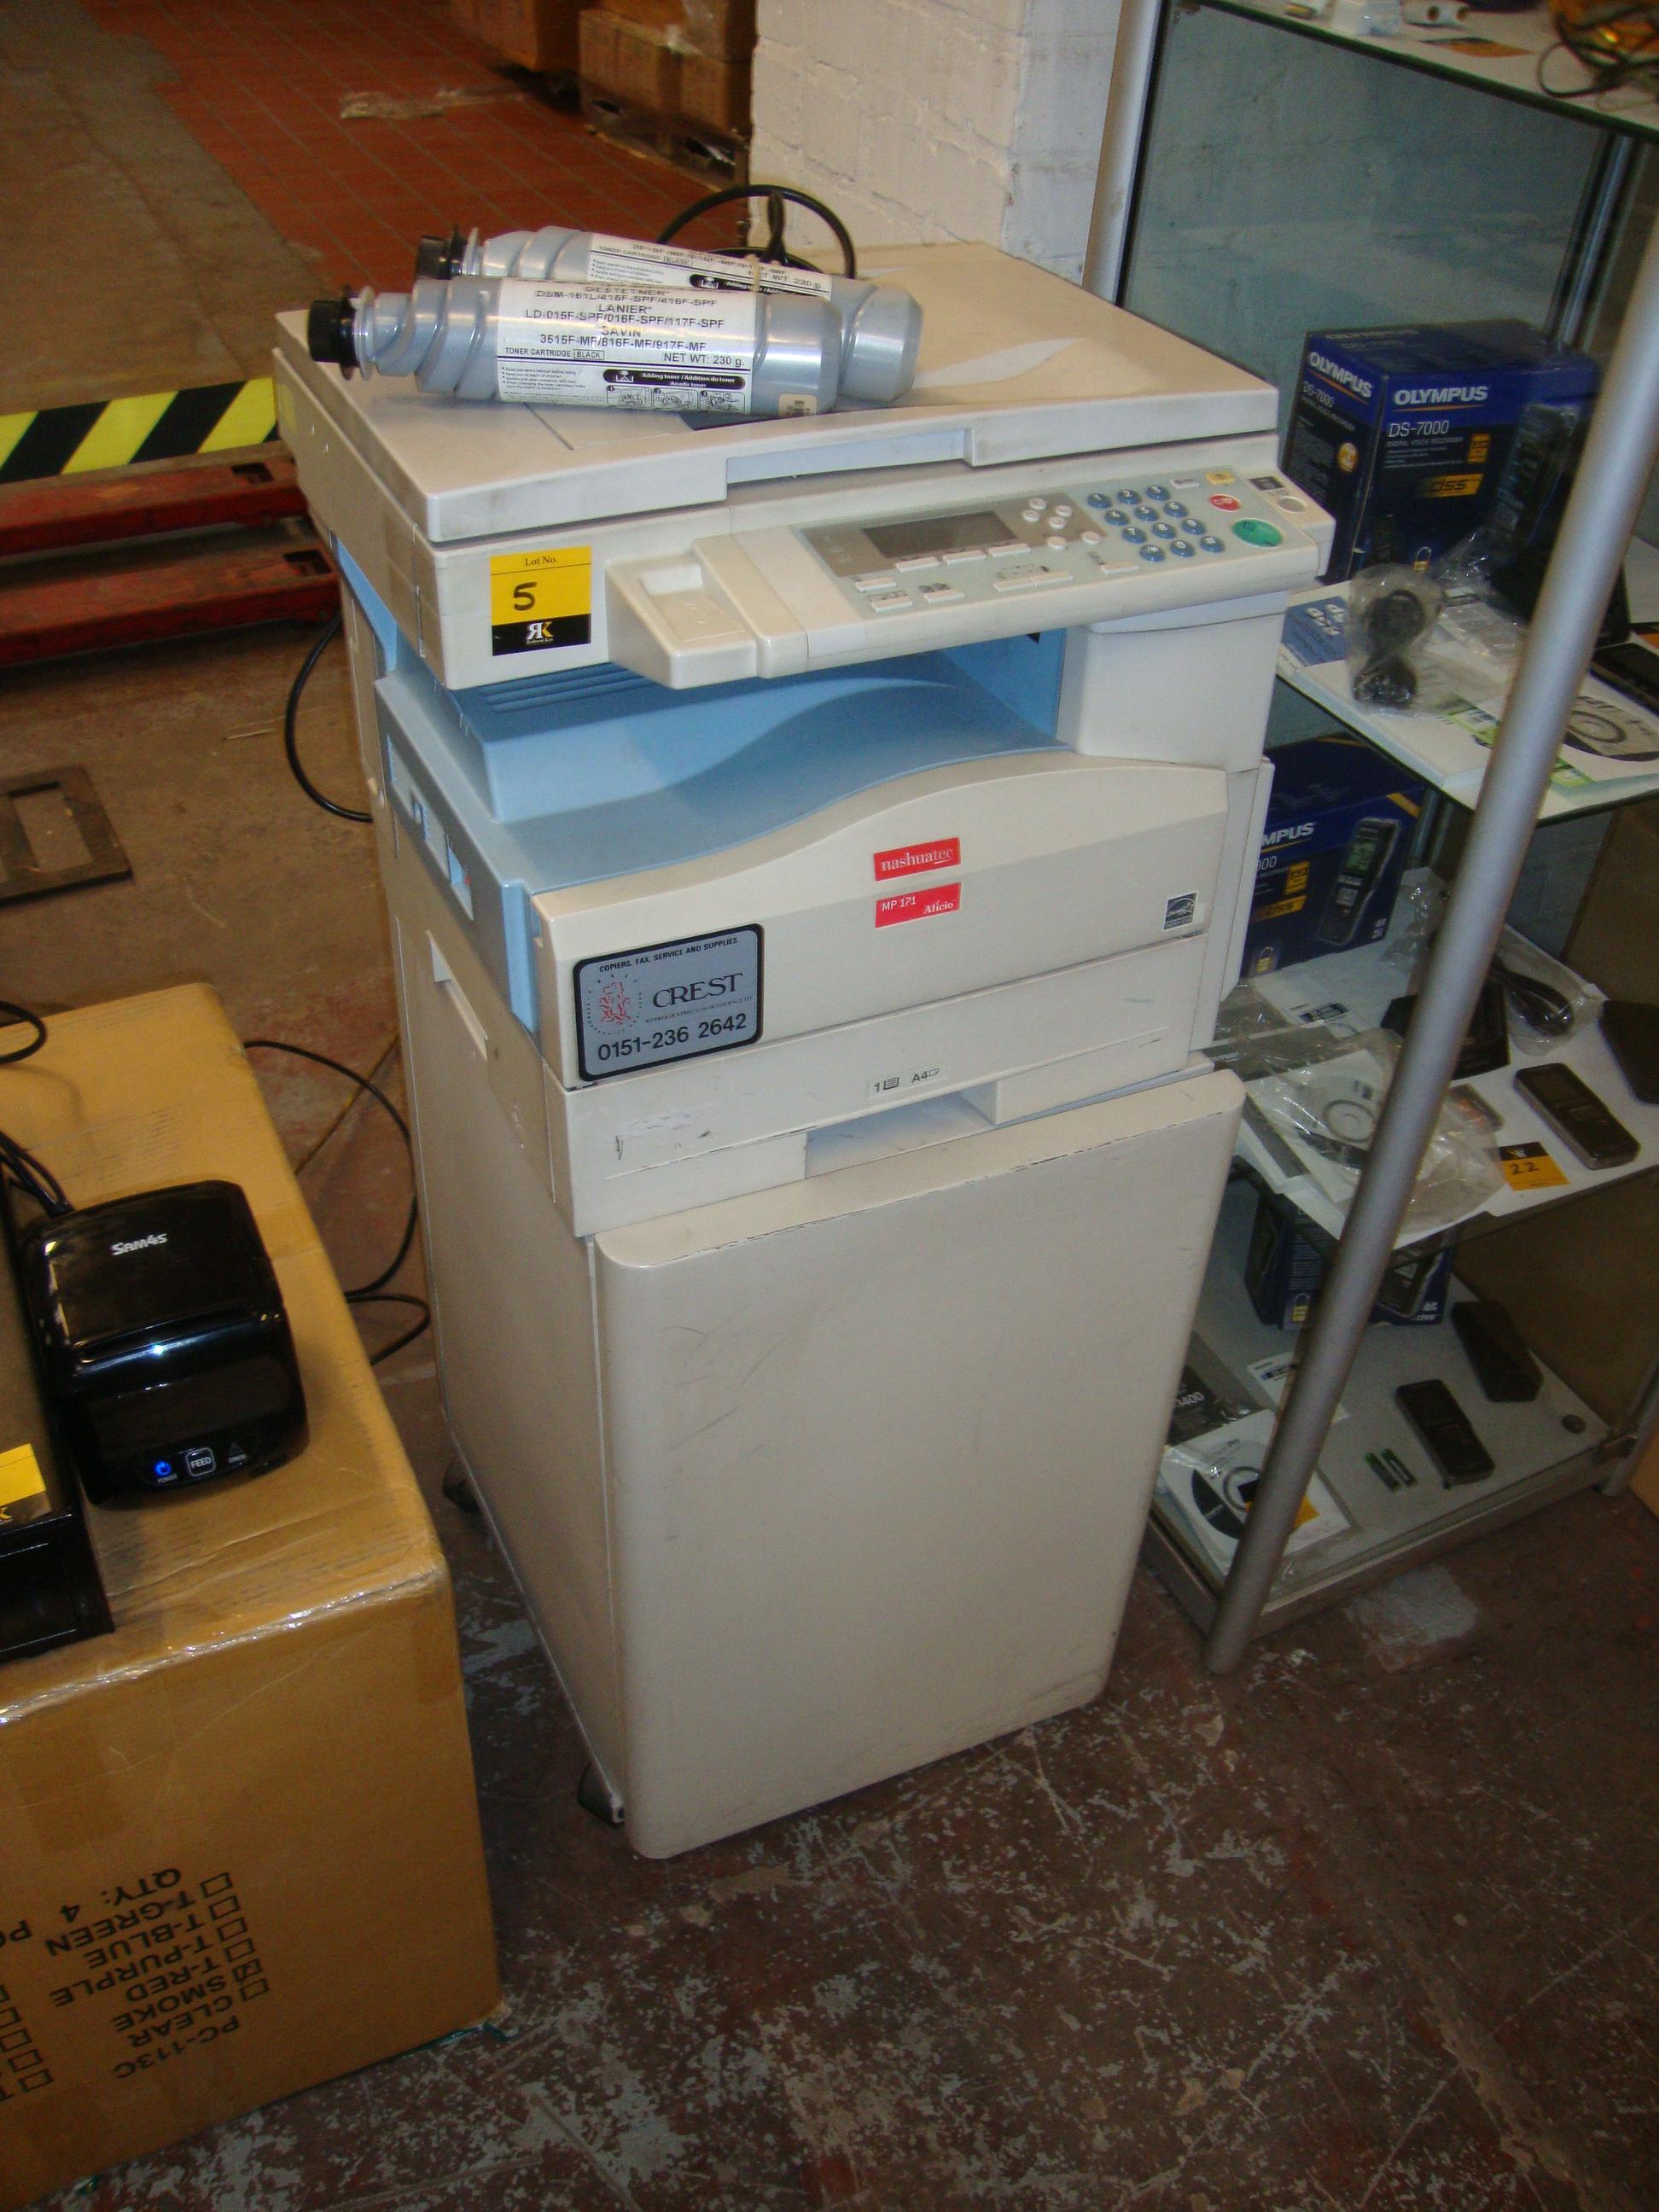 Kyocera manual feed tray